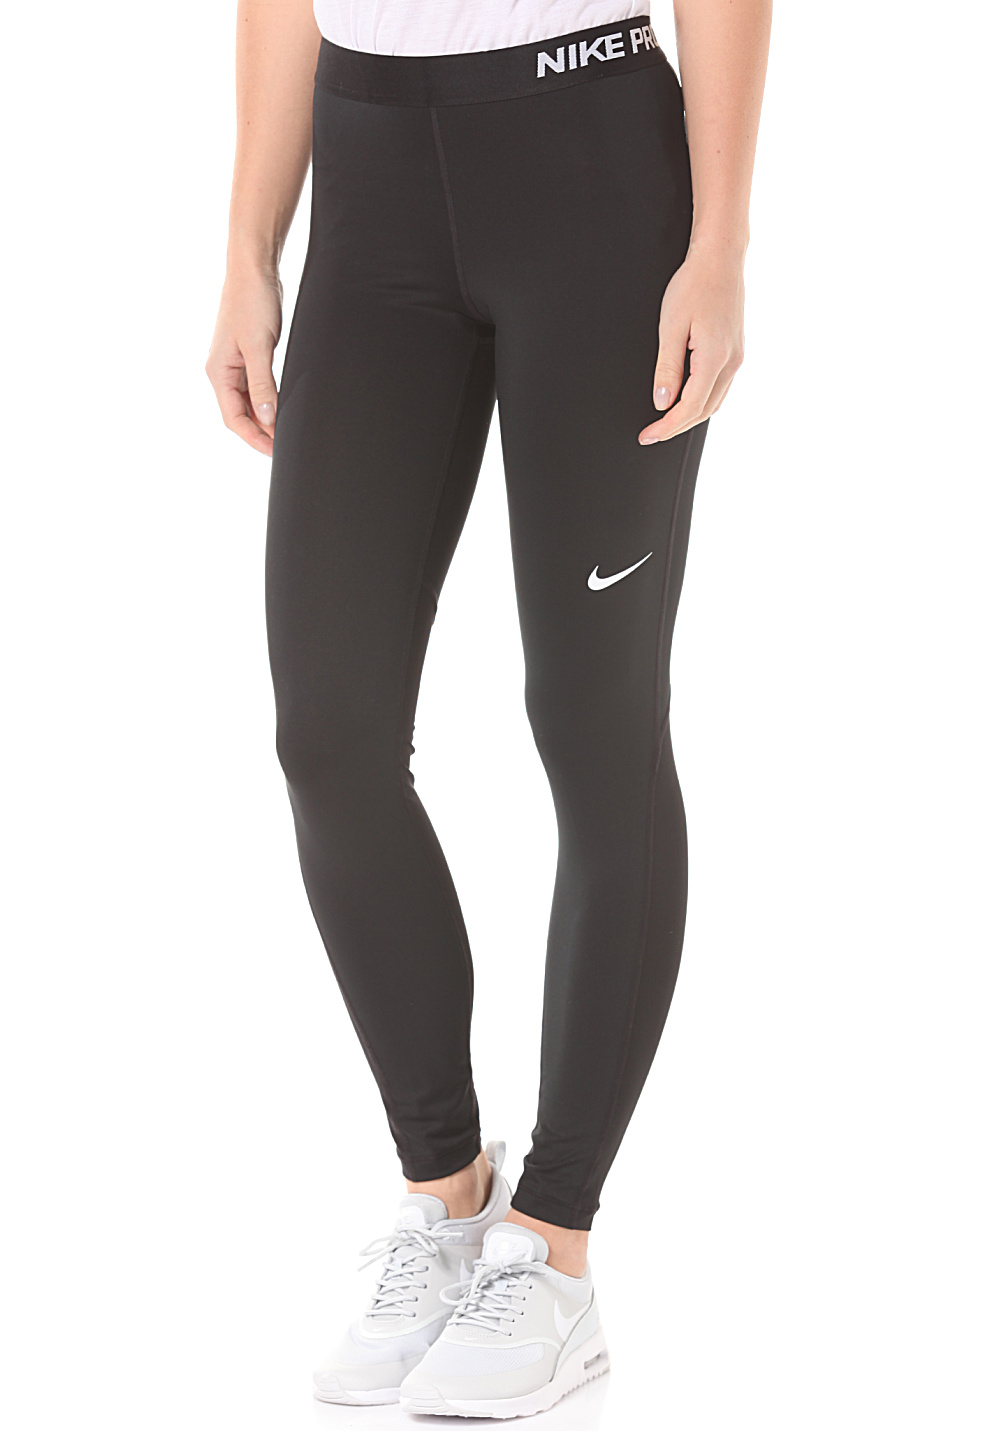 Legging Femme Fitness Mode Sport Et Nike Vetement F6FqOSp f6b9b5b5fd9